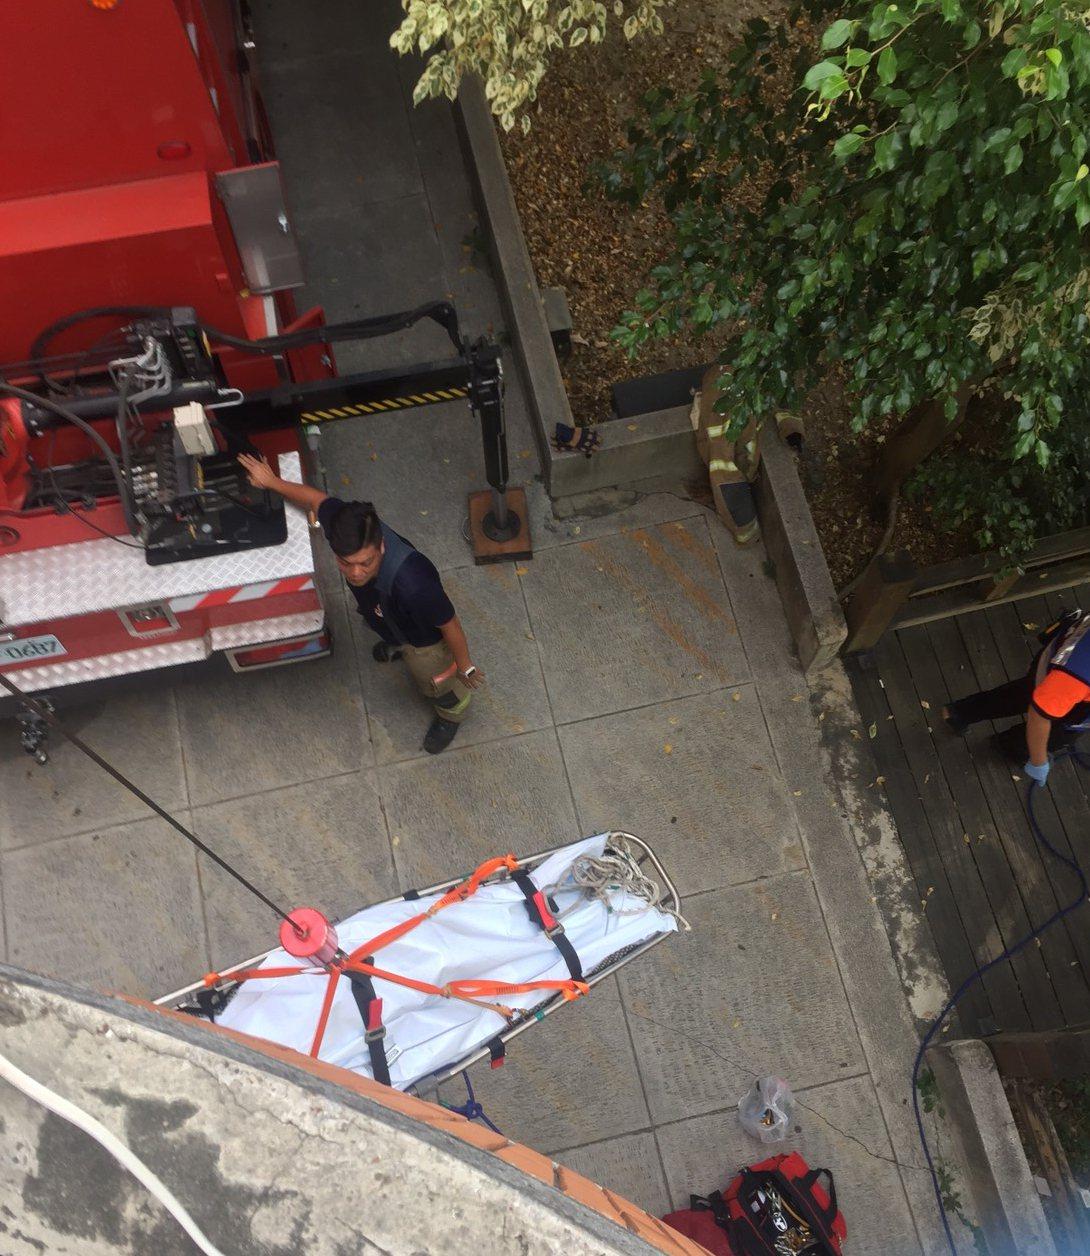 消防隊員趕至將屍體吊掛至1樓,交由警方後續處置。記者謝進盛/翻攝